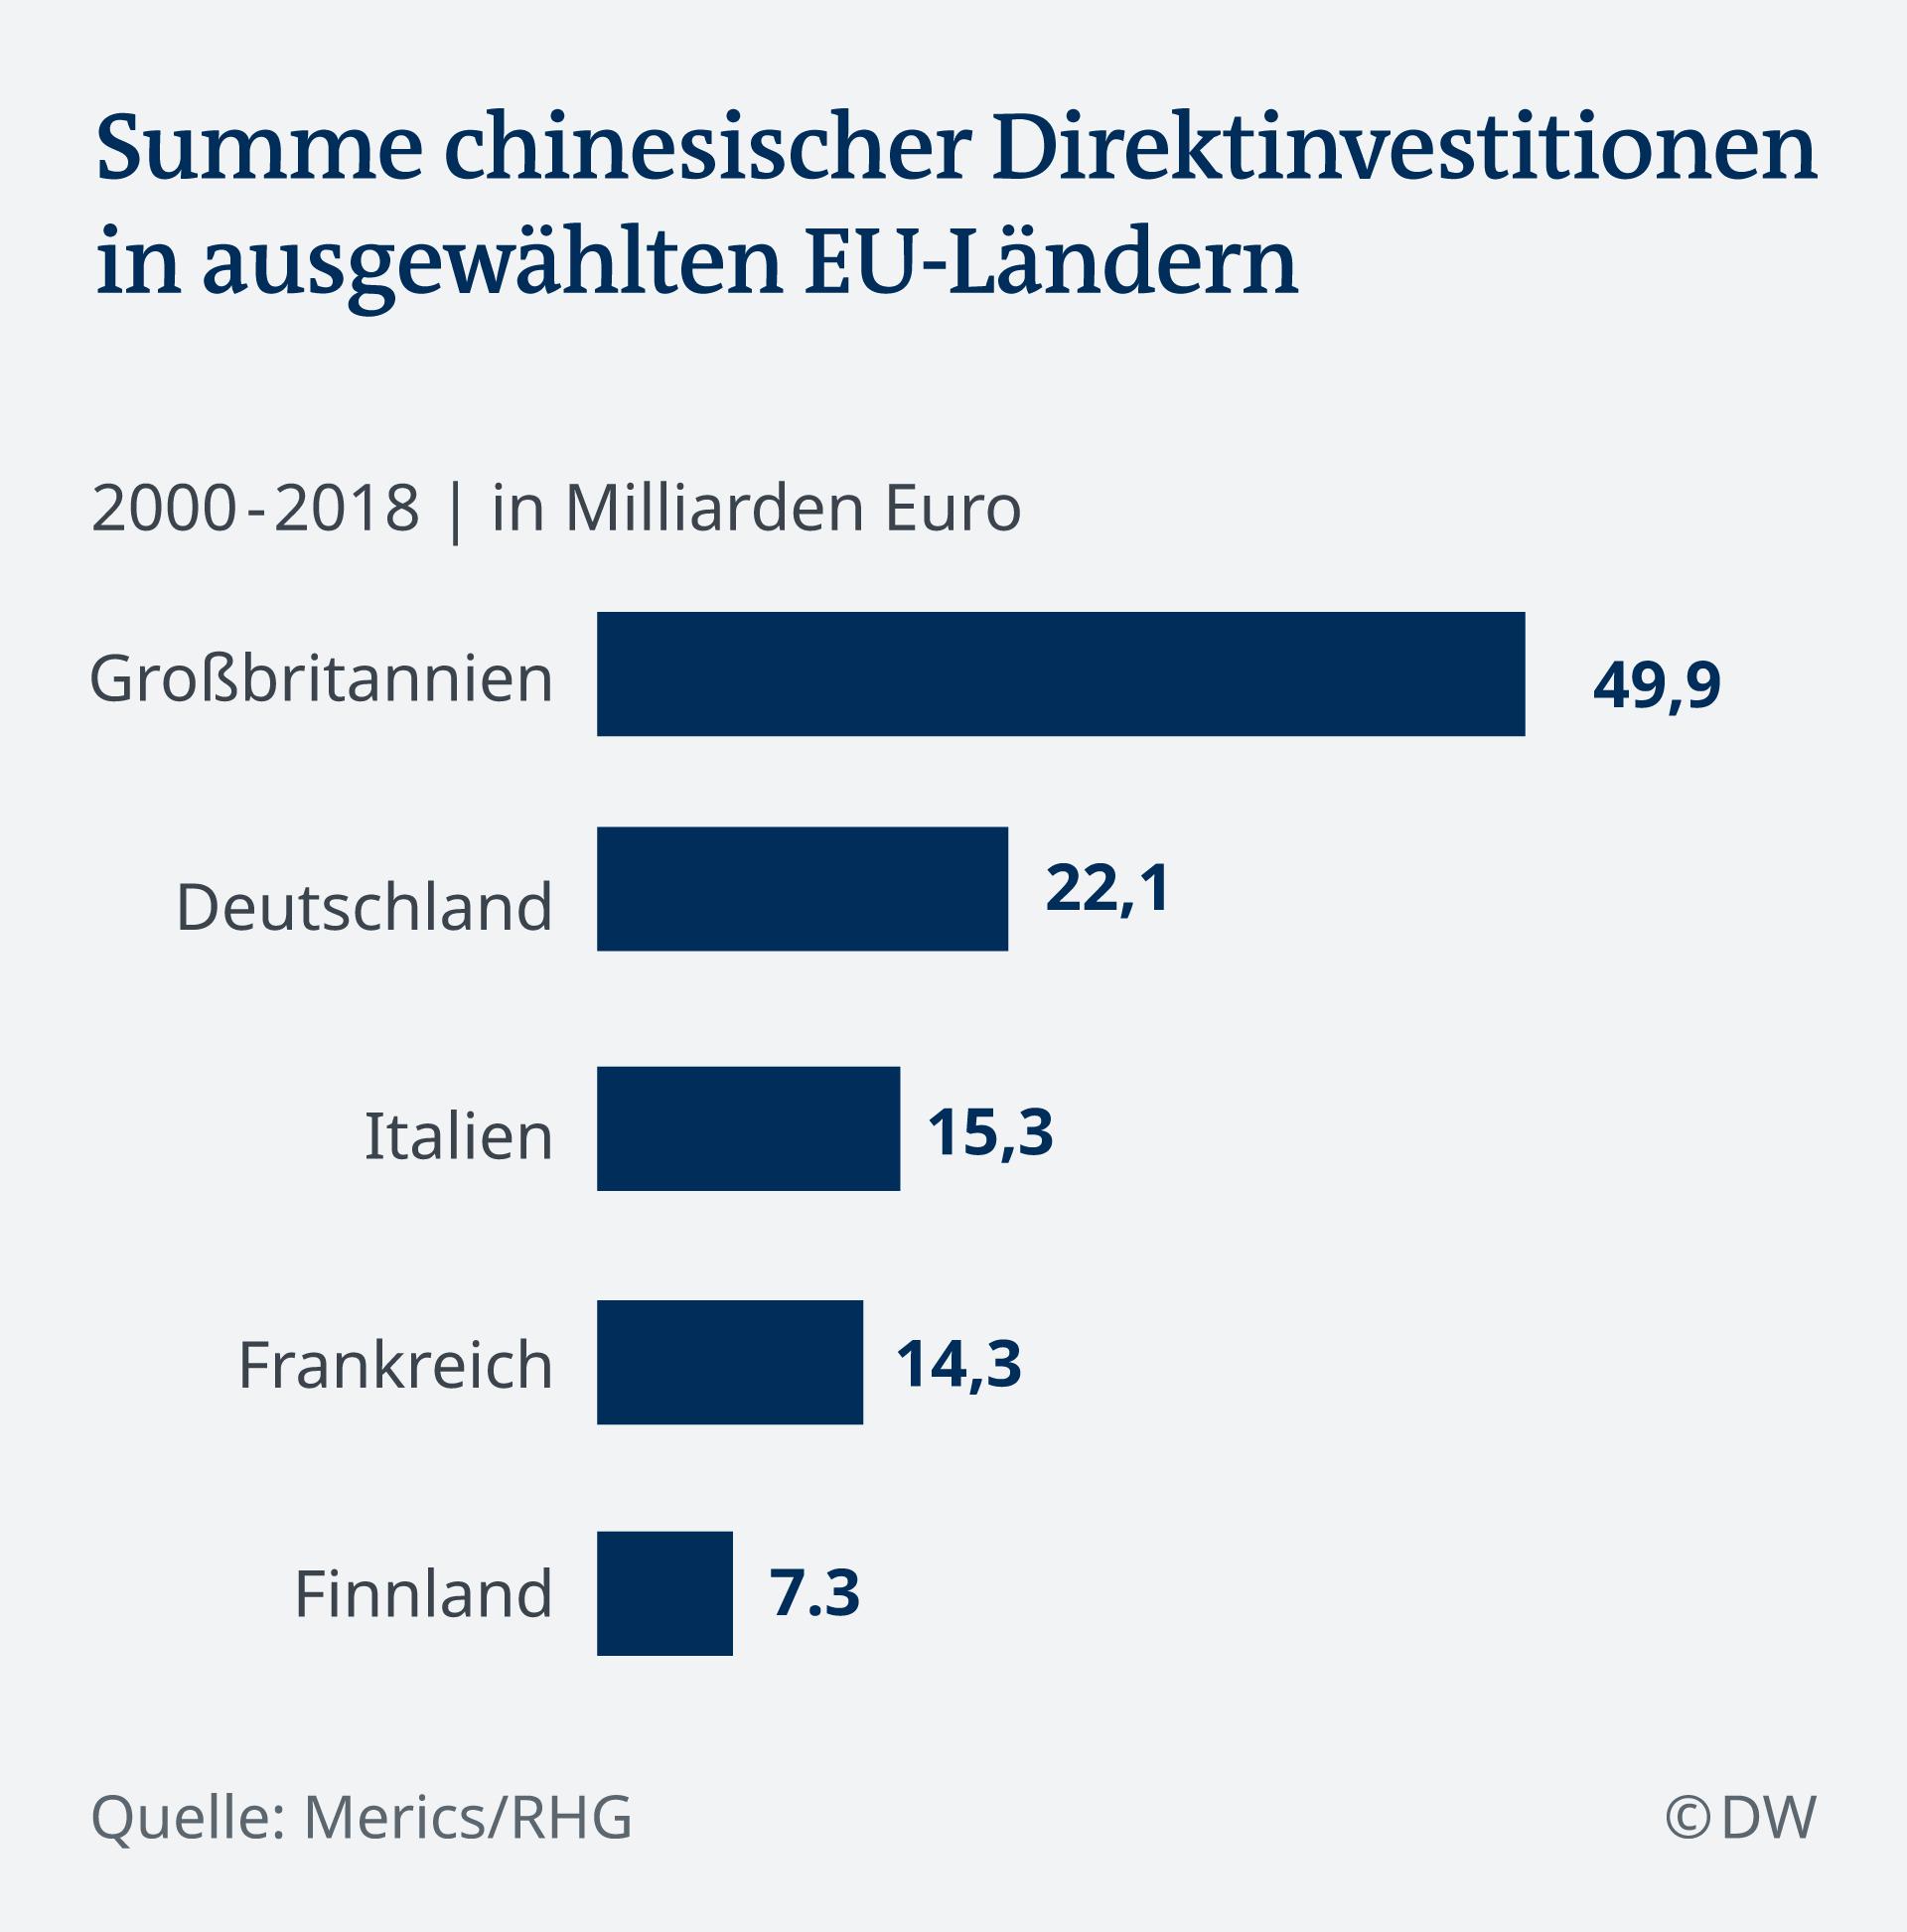 Infografik Summe chinesischer Direktinvestitionen 2000-2008 DE